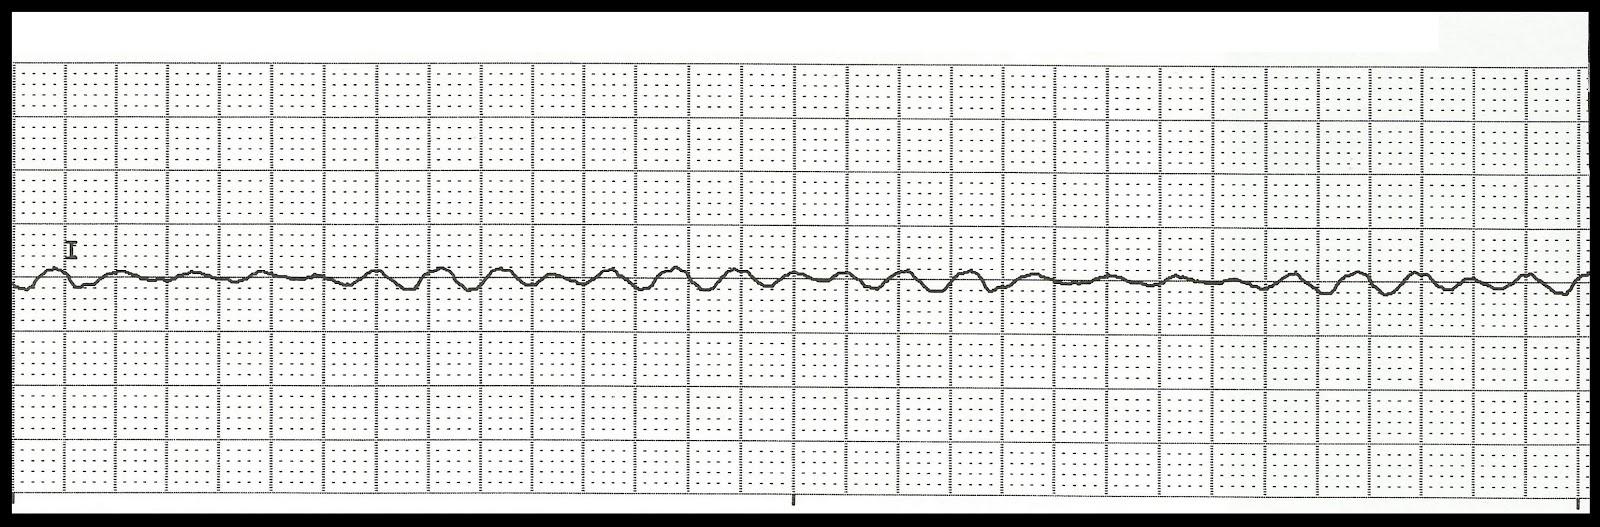 Float Nurse: EKG Rhythm Strip Quiz 123 Ventricular Tachycardia Rhythm Strip